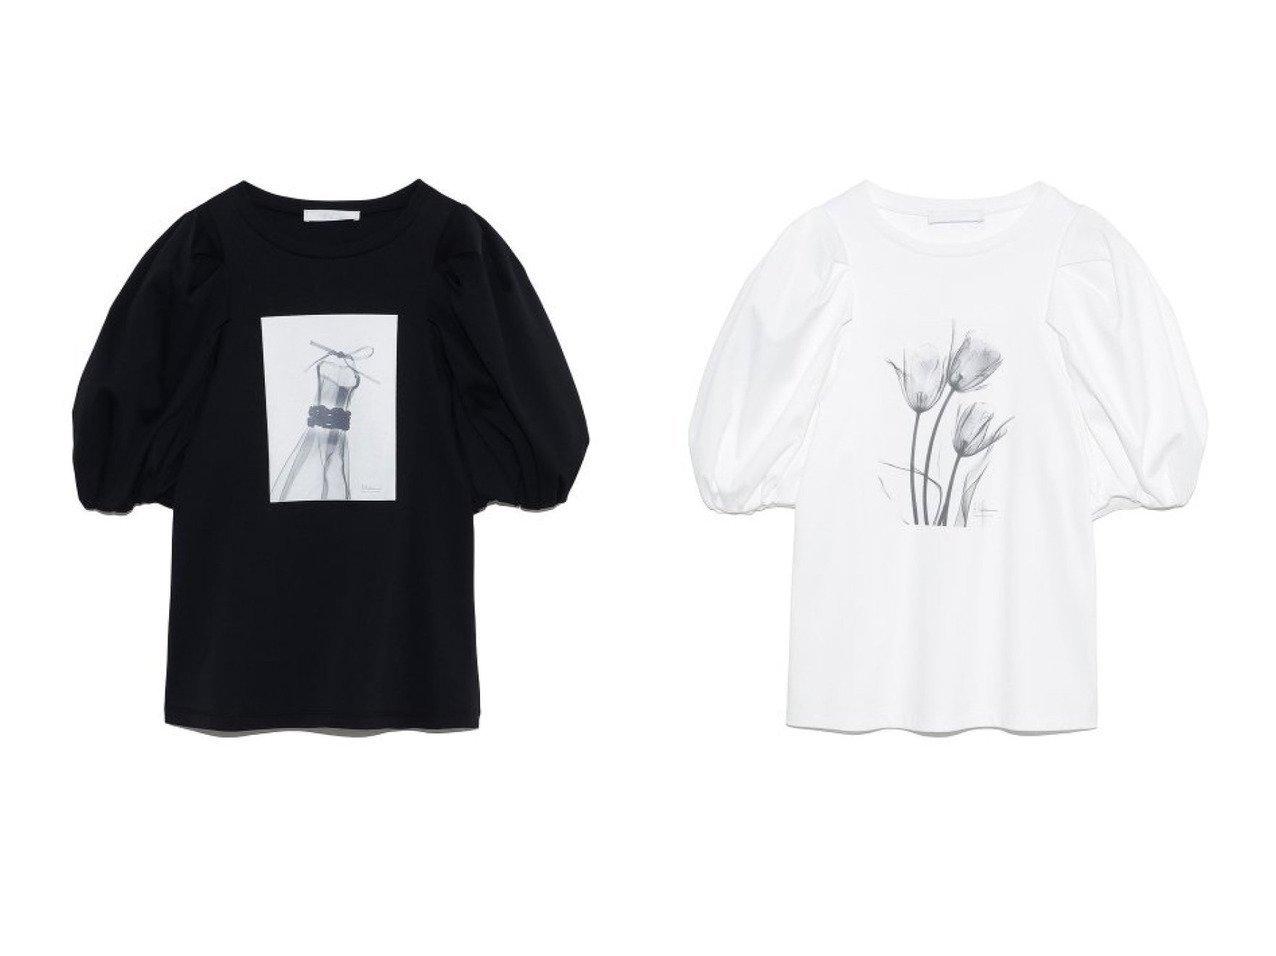 【CELFORD/セルフォード】のAlbert Koetsierボリューム袖Tシャツ 【トップス・カットソー】おすすめ!人気、トレンド・レディースファッションの通販 おすすめで人気の流行・トレンド、ファッションの通販商品 インテリア・家具・メンズファッション・キッズファッション・レディースファッション・服の通販 founy(ファニー) https://founy.com/ ファッション Fashion レディースファッション WOMEN トップス・カットソー Tops/Tshirt シャツ/ブラウス Shirts/Blouses ロング / Tシャツ T-Shirts カットソー Cut and Sewn カットソー シルク シルケット スリーブ チューリップ ドレス プリント |ID:crp329100000041771